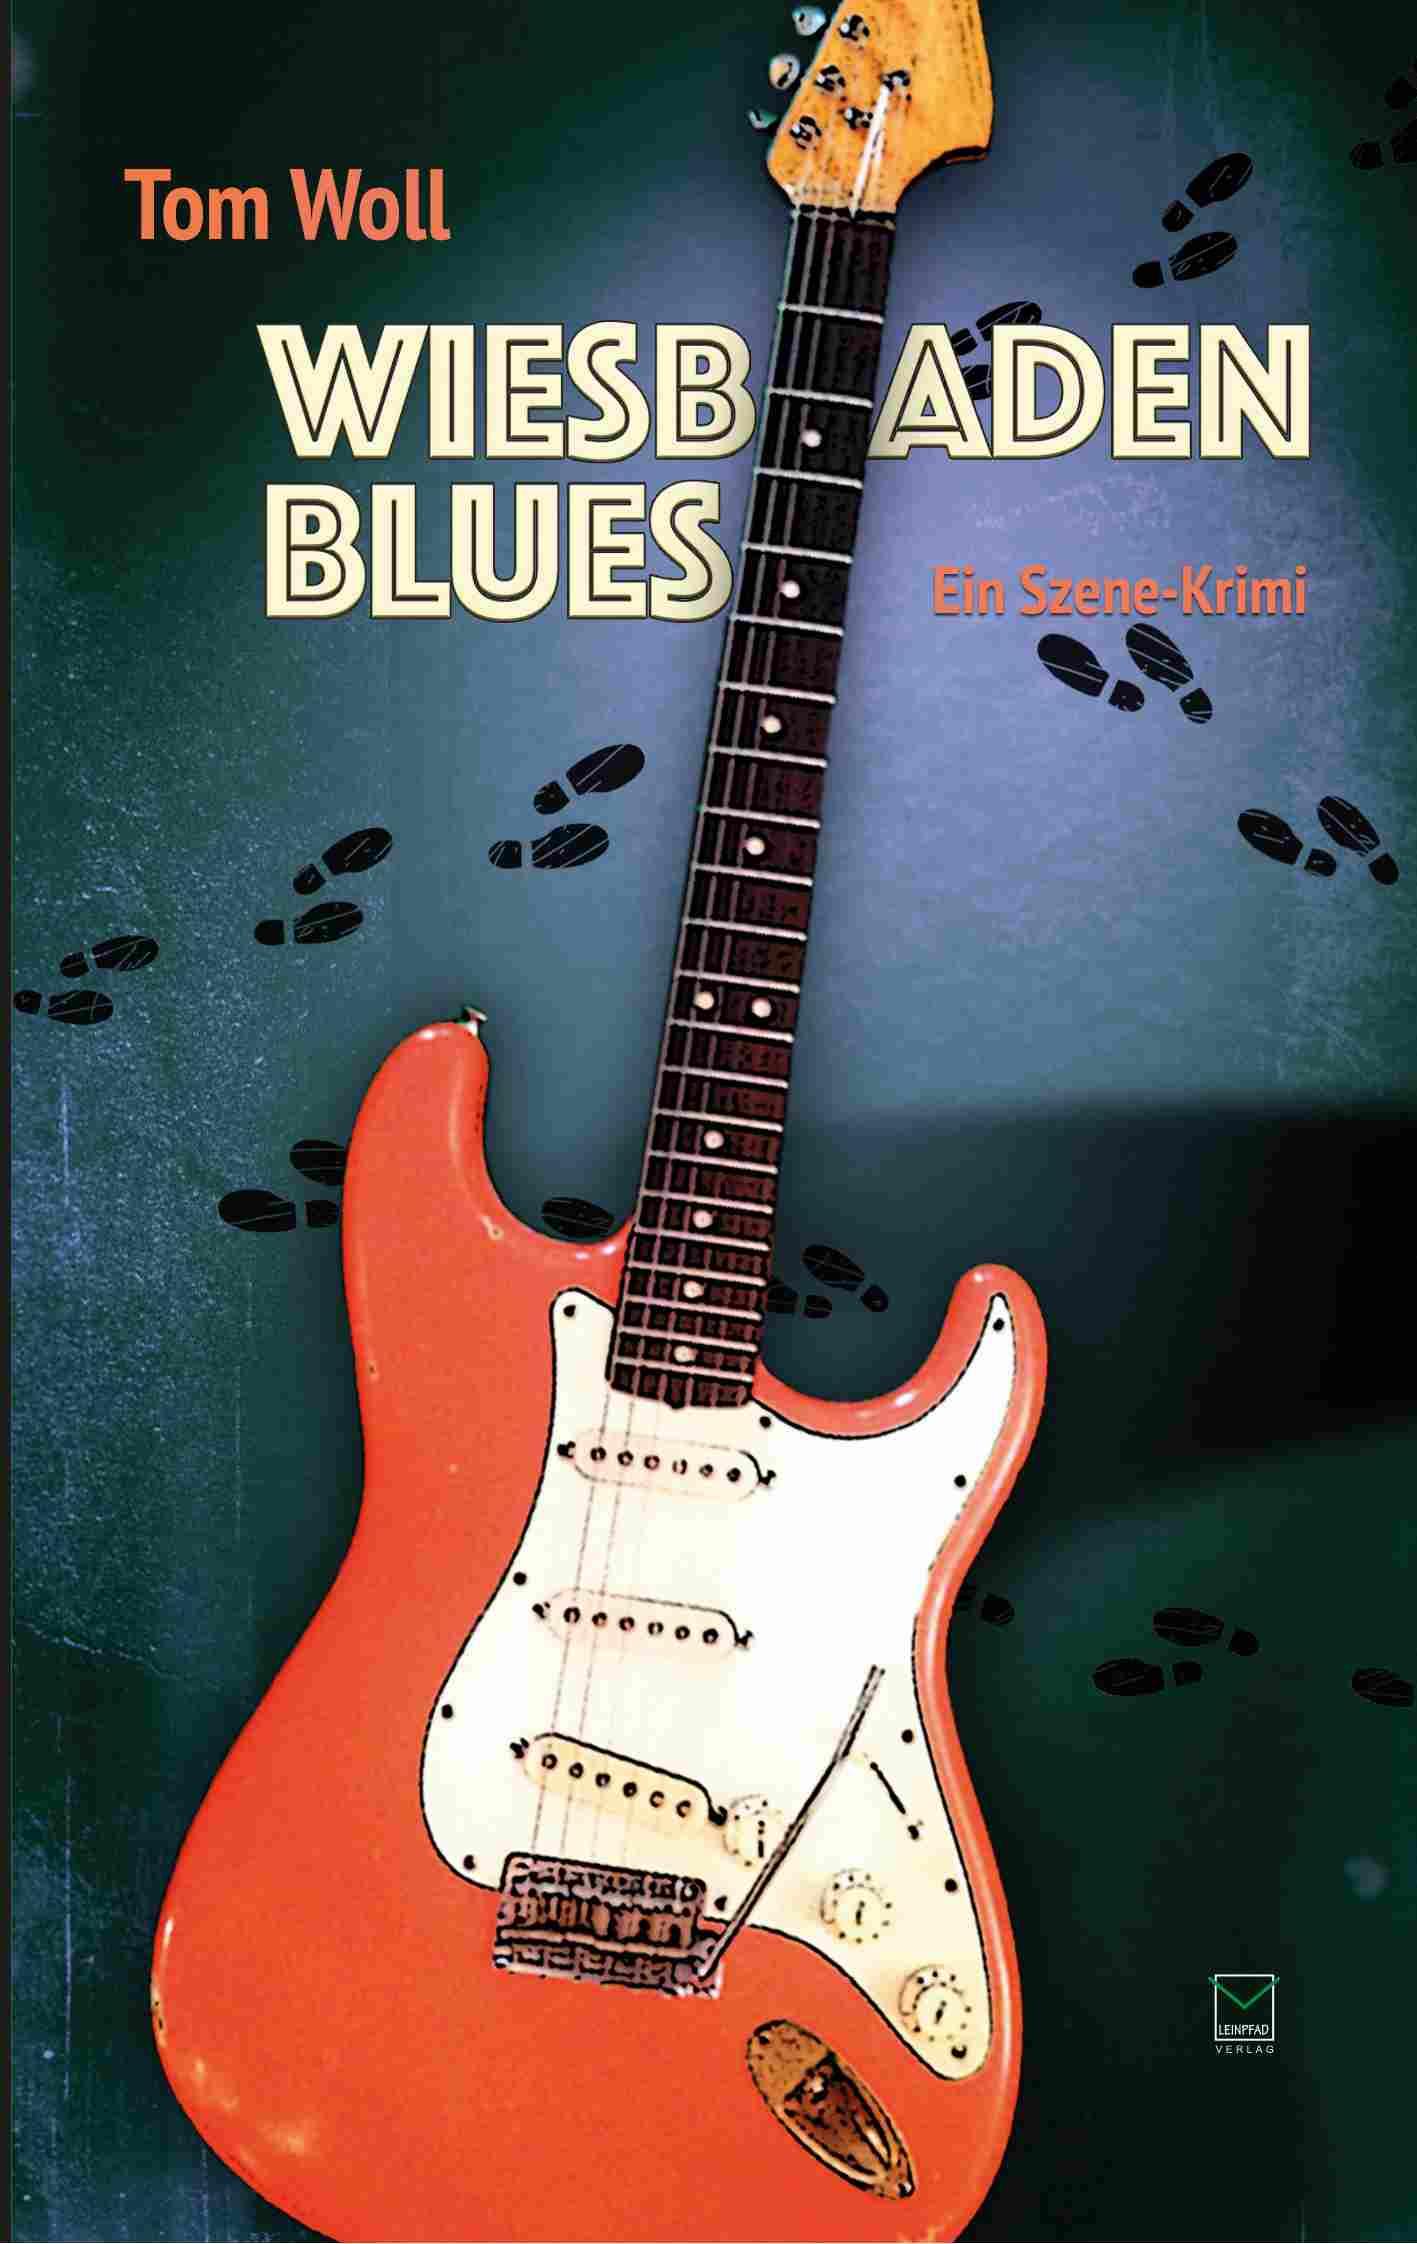 Wiesbaden Blues Untertitel Ein Szenekrimi Vorgestellt Wird Das Buch Mit Einer Lesung Heute Um 18 Uhr Im Wohnzimmer Schwalbacher Str 51